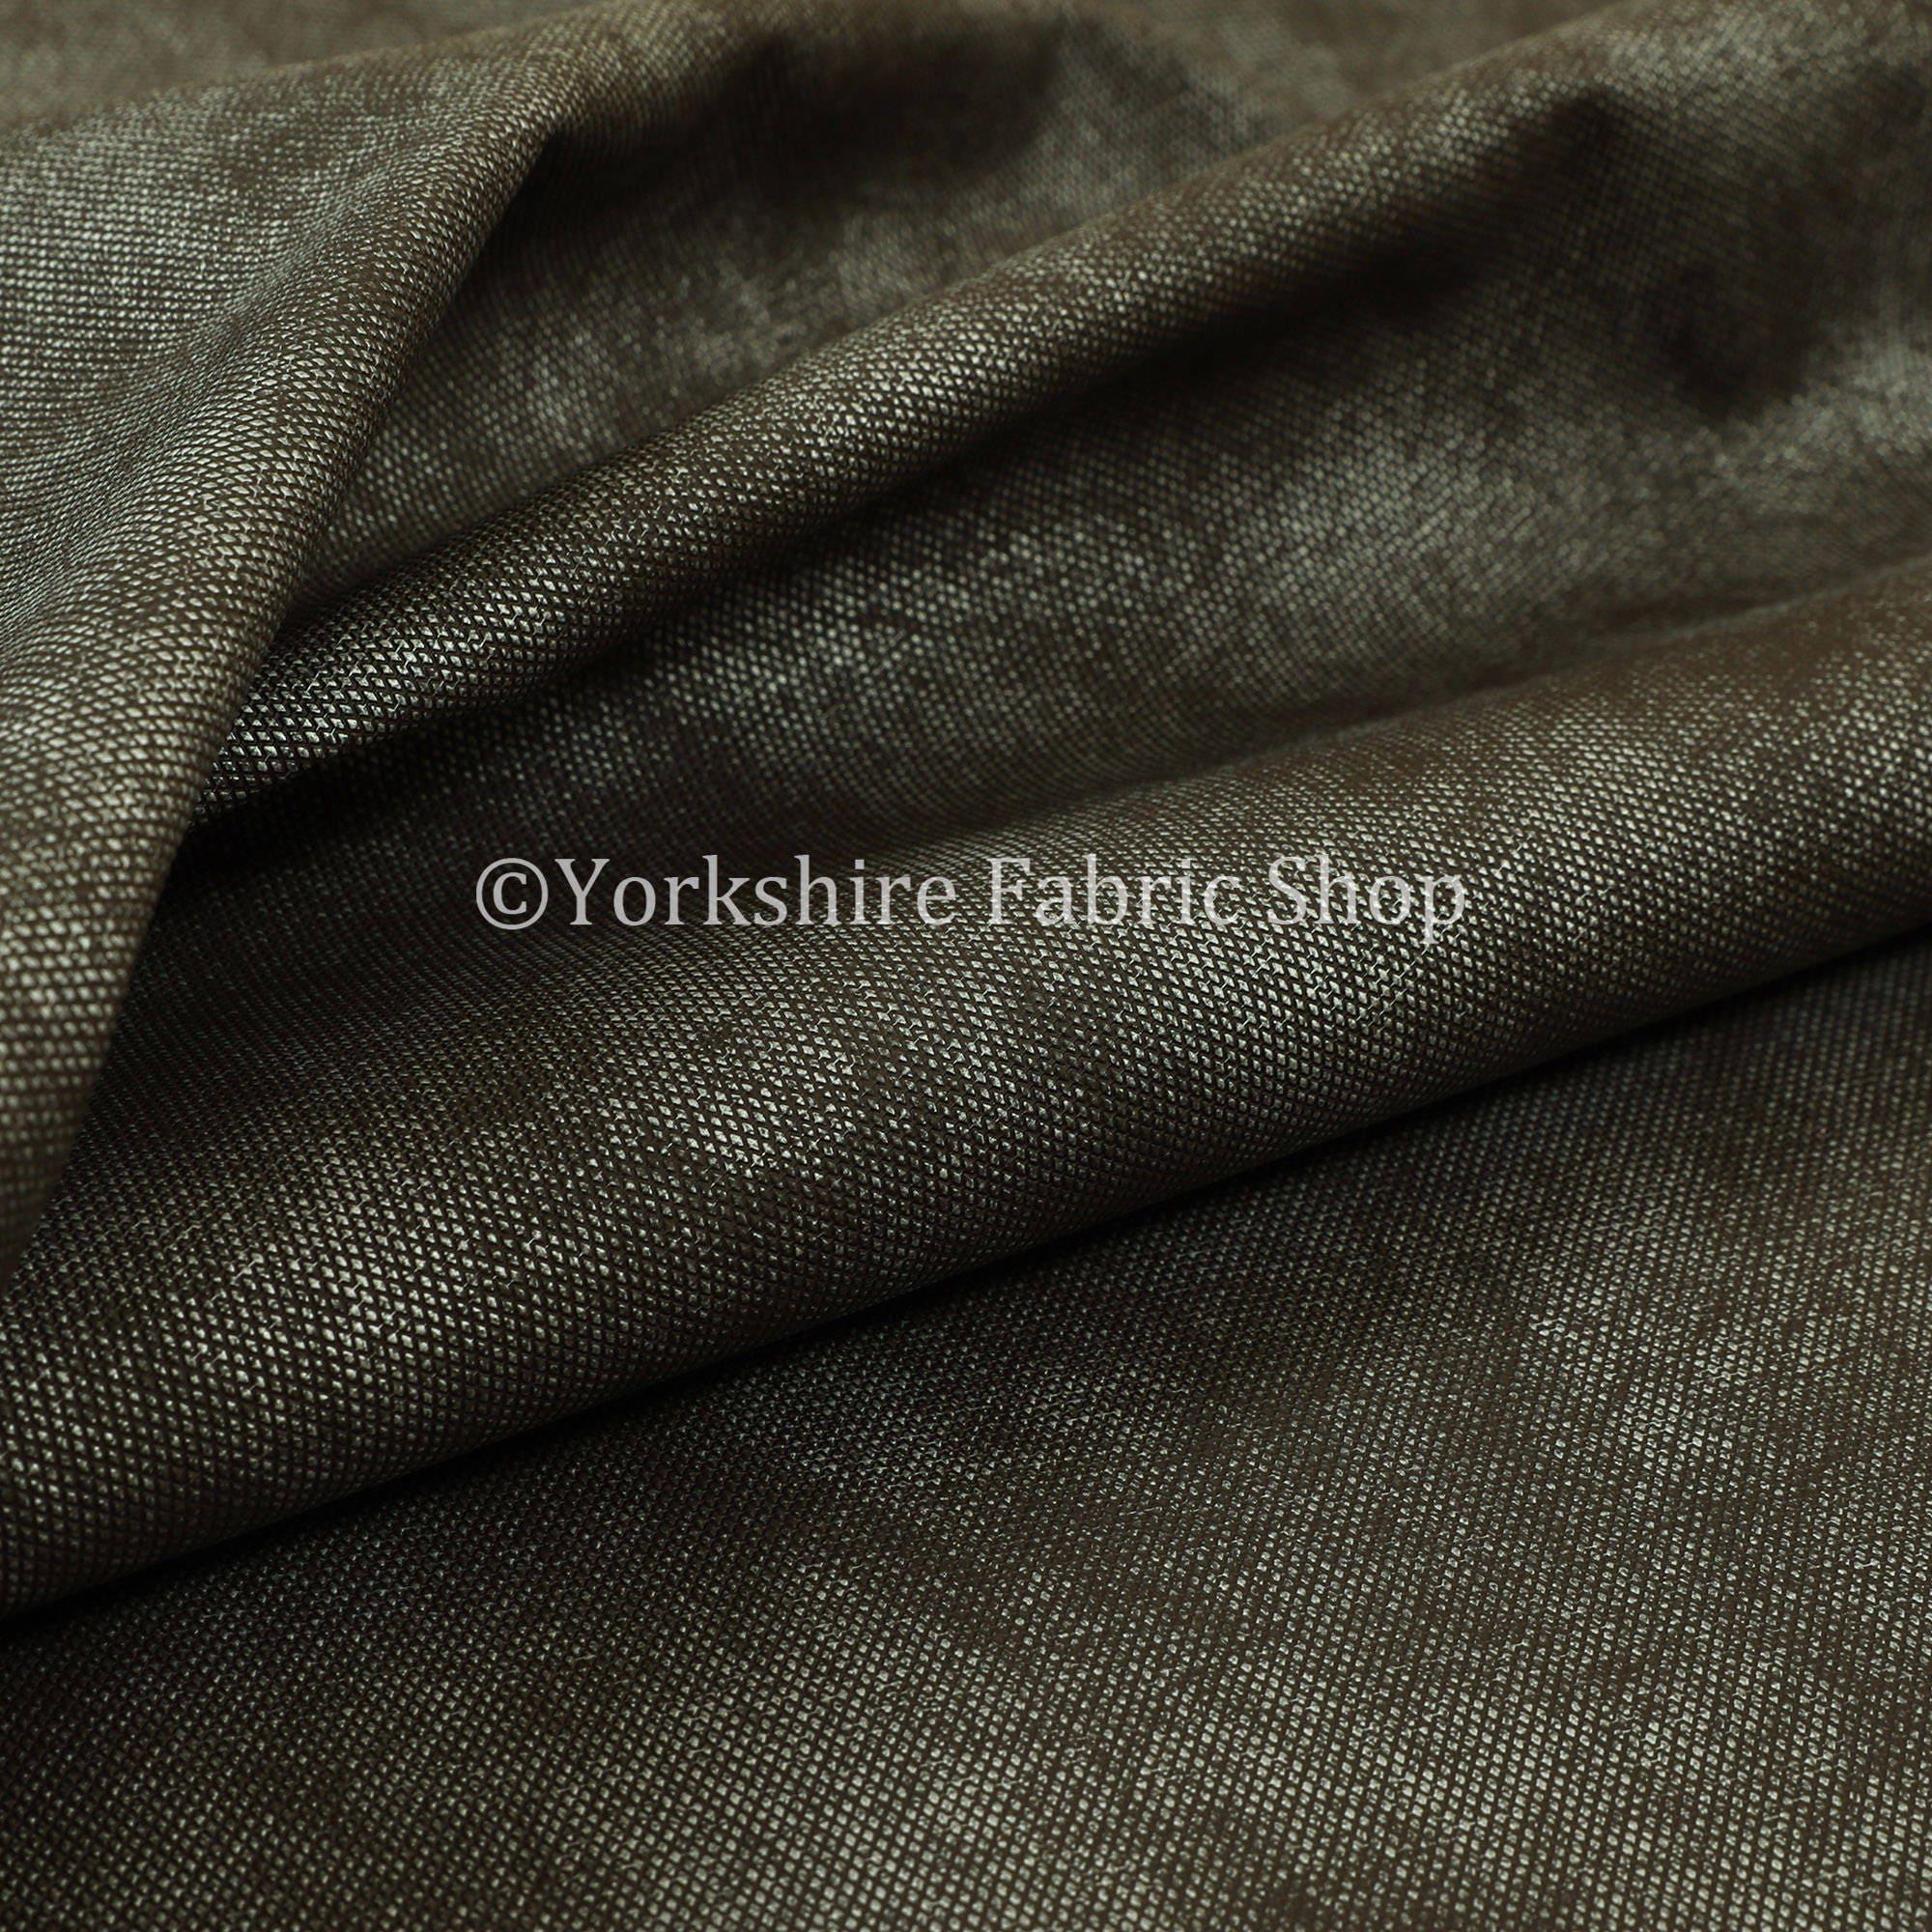 Daim mat qualité Touch collant couleur chêne chêne chêne foncé simili cuir tissu d'ameublement - vendu au mètre 10 3bf397